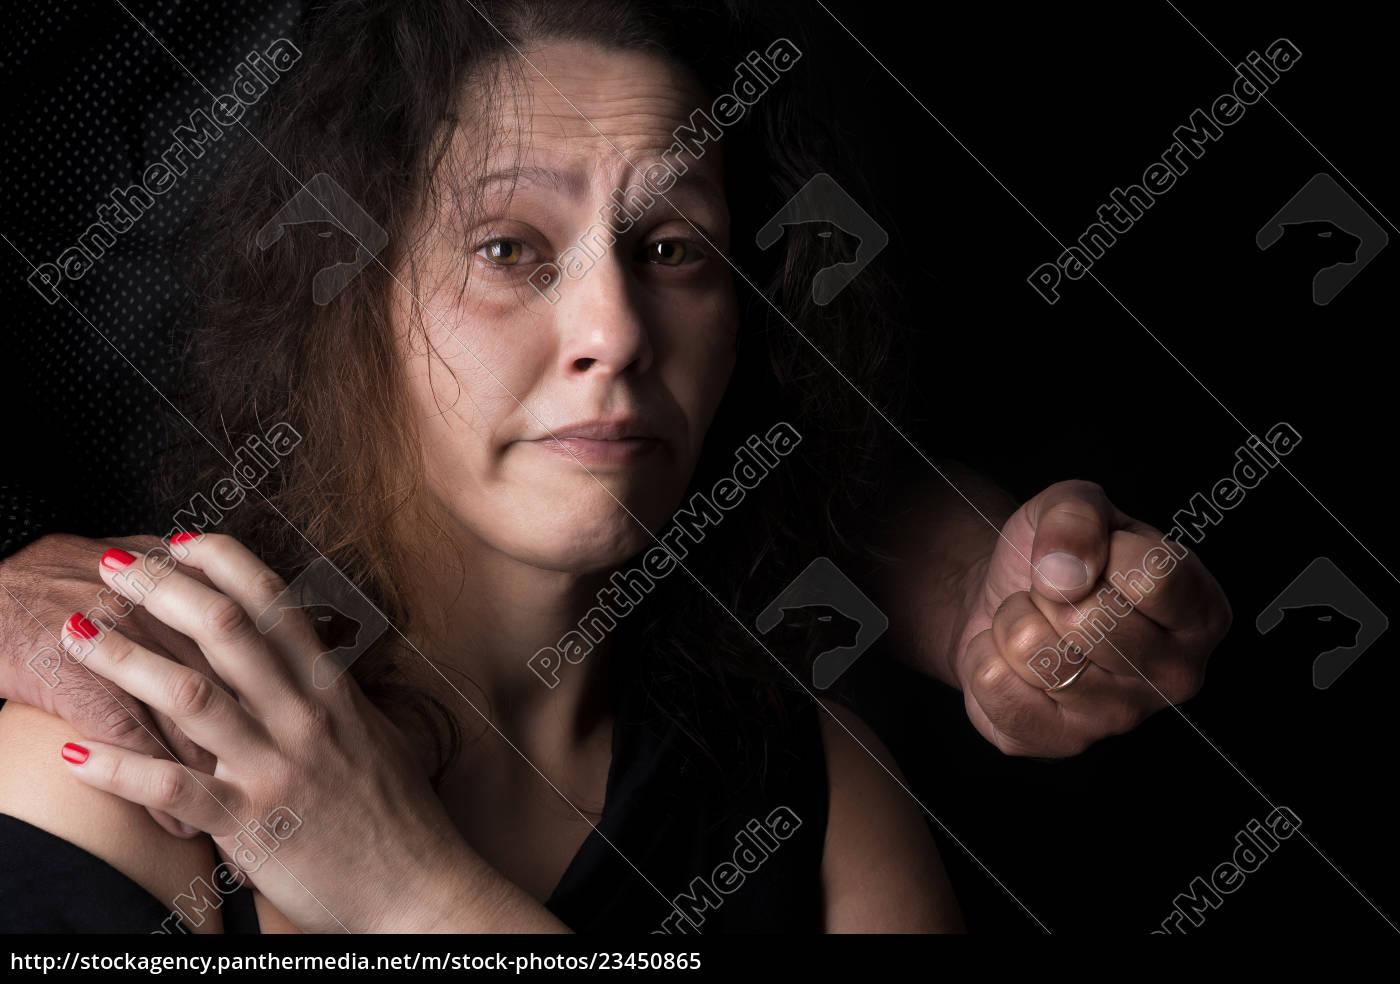 domestic, violence - 23450865